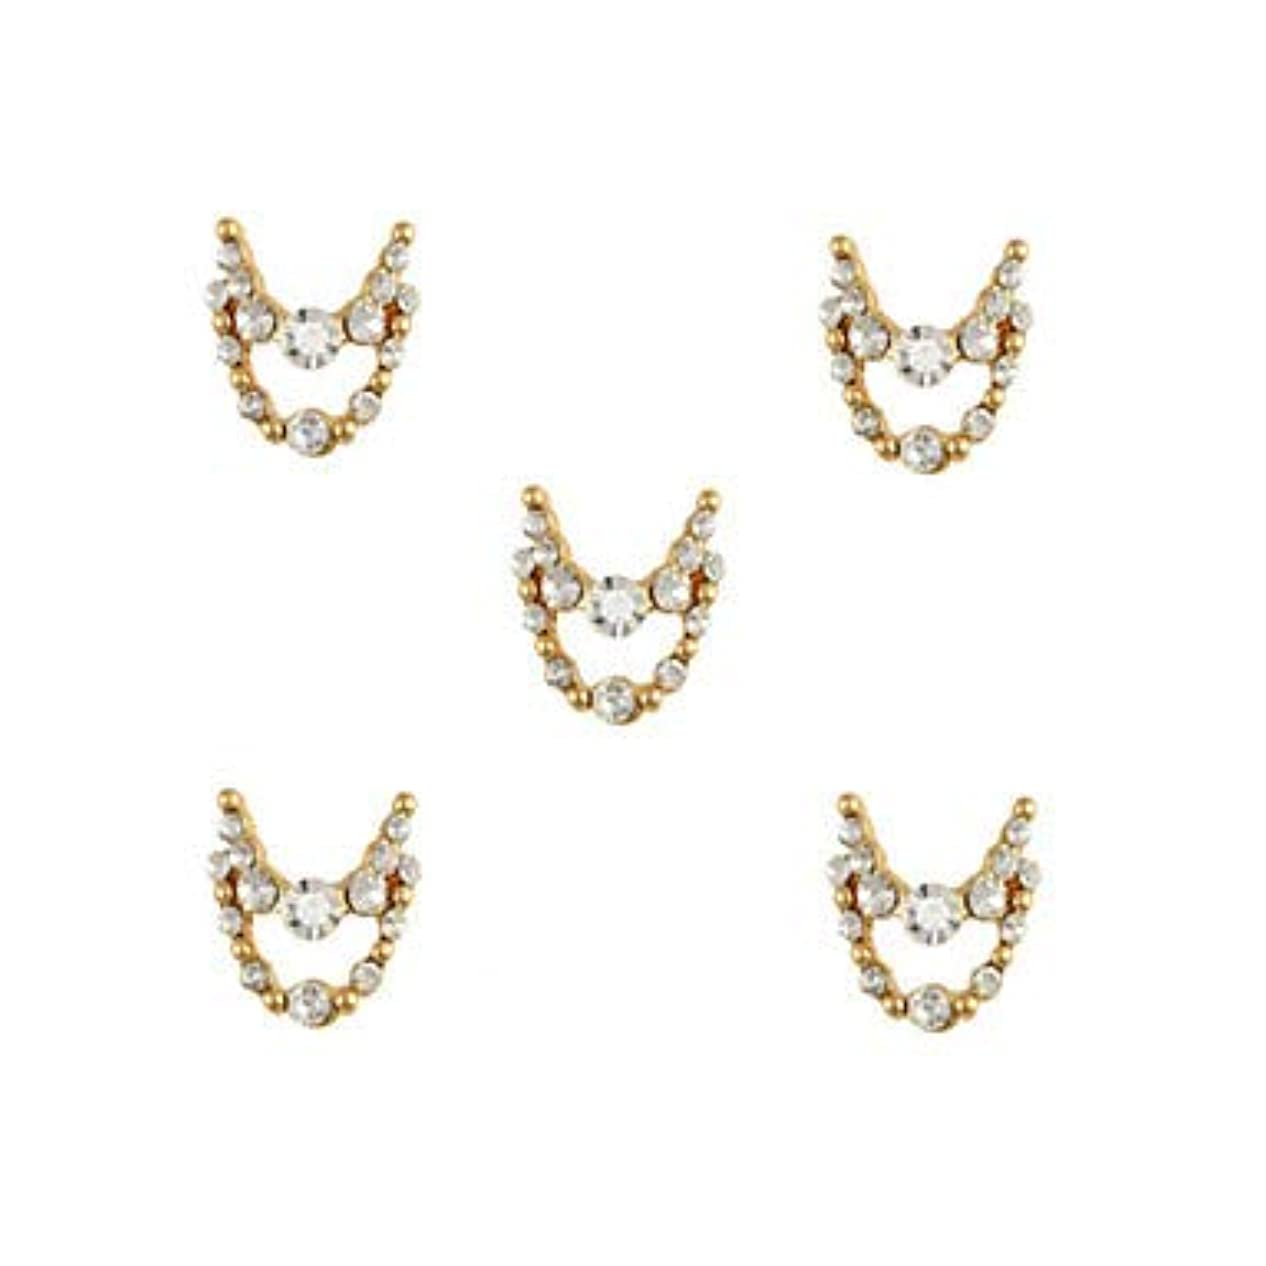 部分的に乳剤魔術師明確なラインストーン3dチャーム合金ネイルアートの装飾が付いている10個入りゴールドネックレスブラブラ